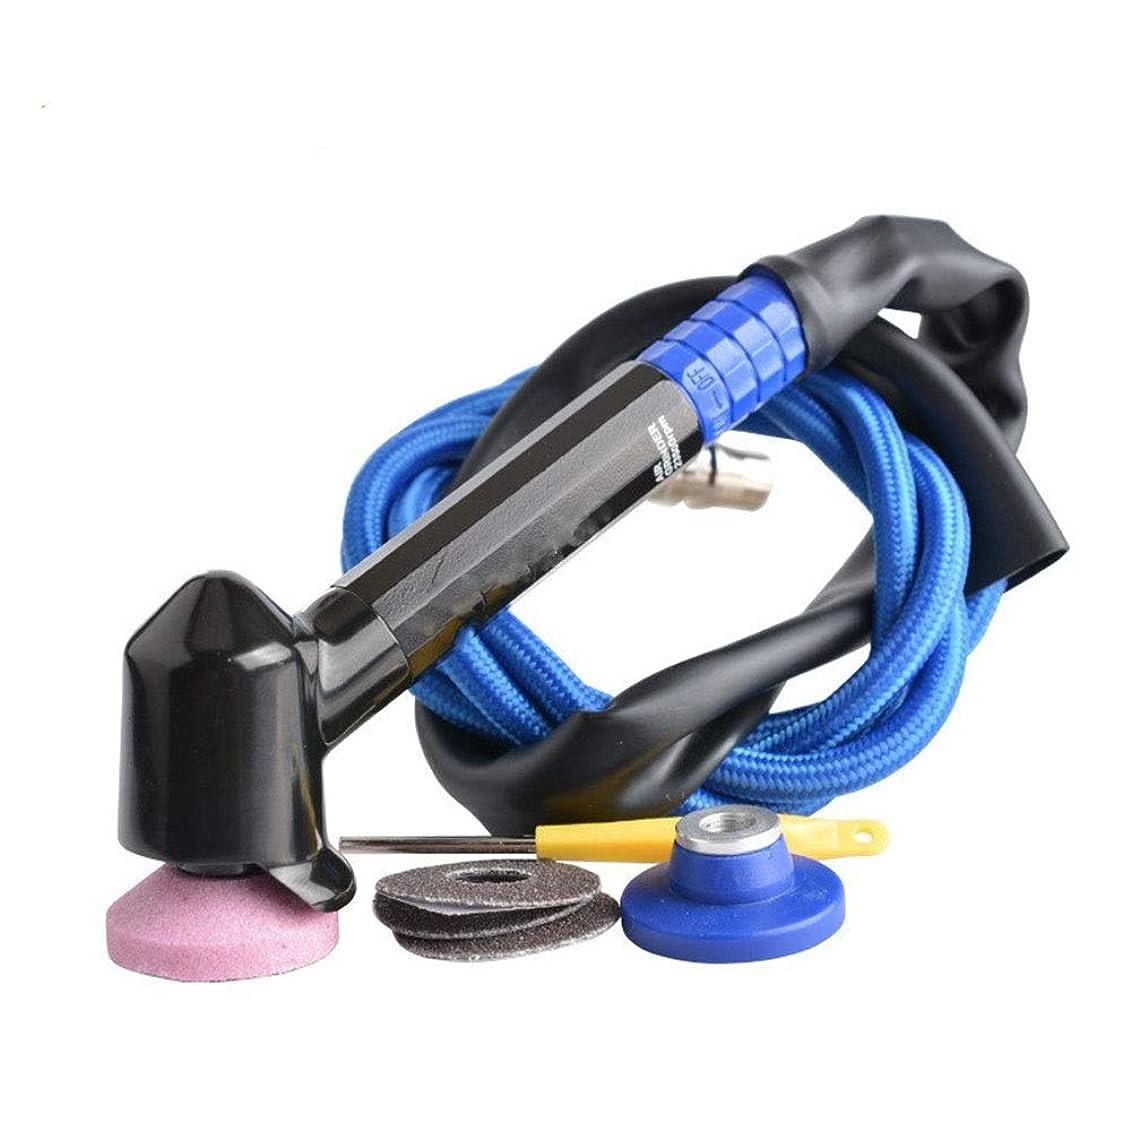 アナリストハンディキャップエンコミウムエア工具 45°エルボ風研削ペン、ハンドヘルド空気圧研磨ペンハンドツール